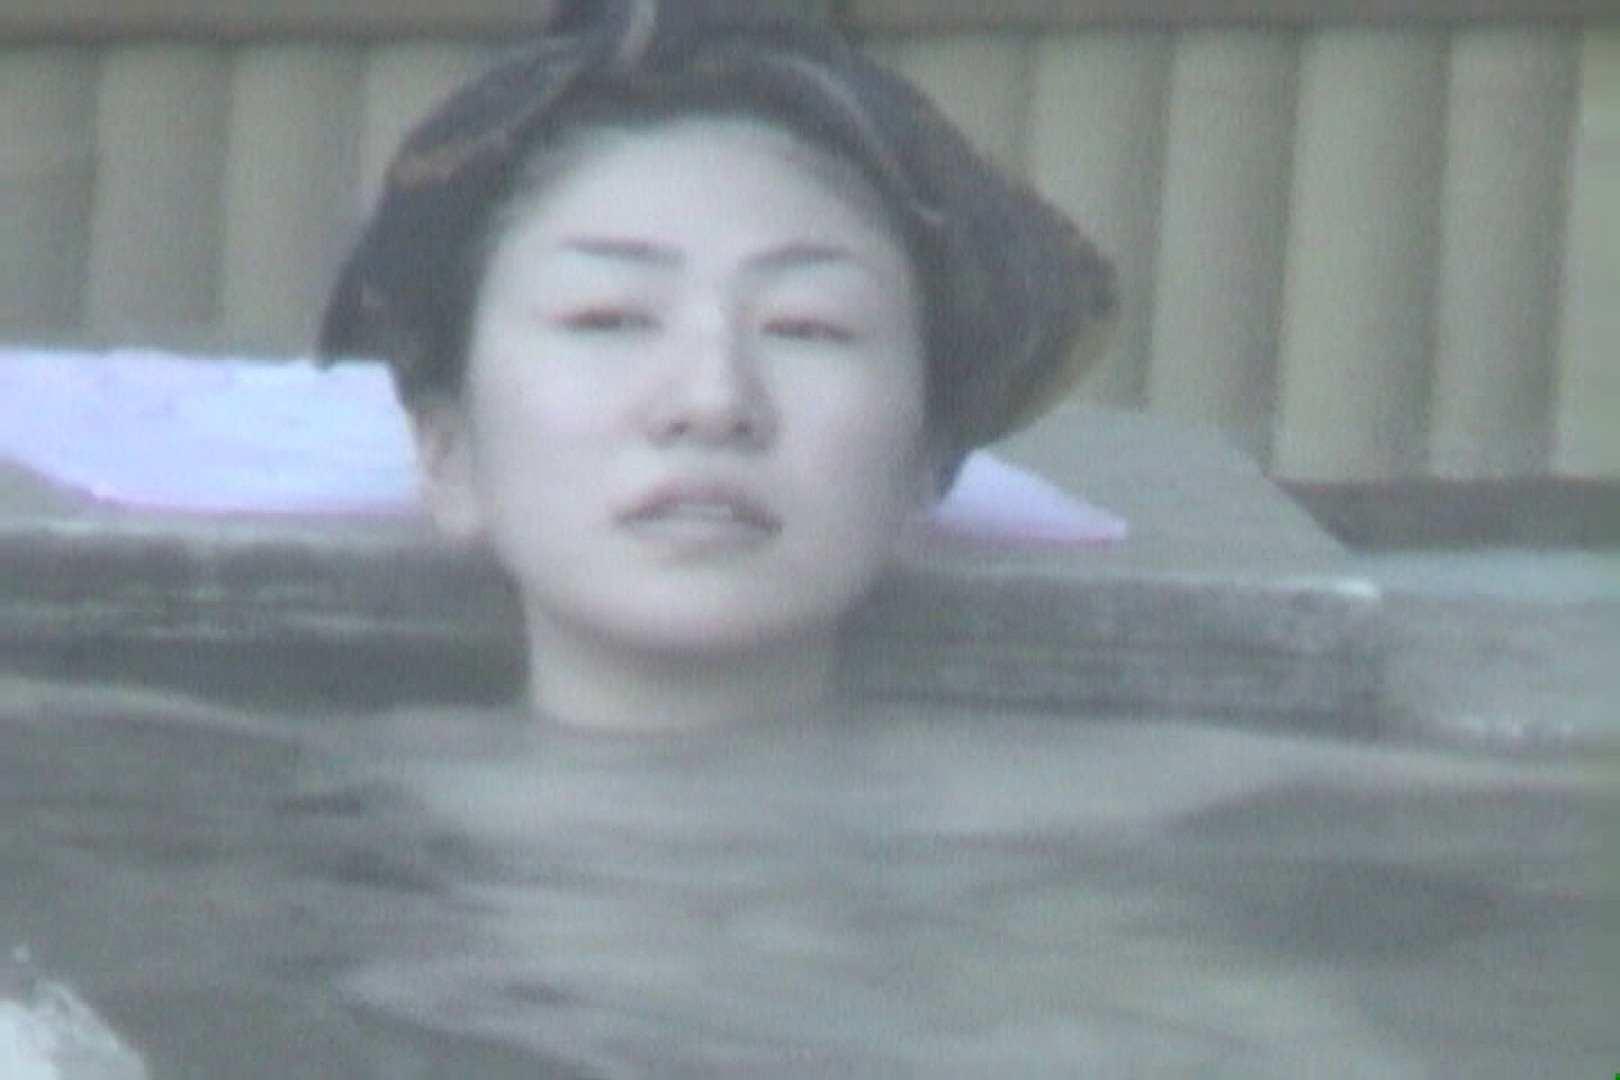 Aquaな露天風呂Vol.607 女体盗撮 | 露天  56連発 49